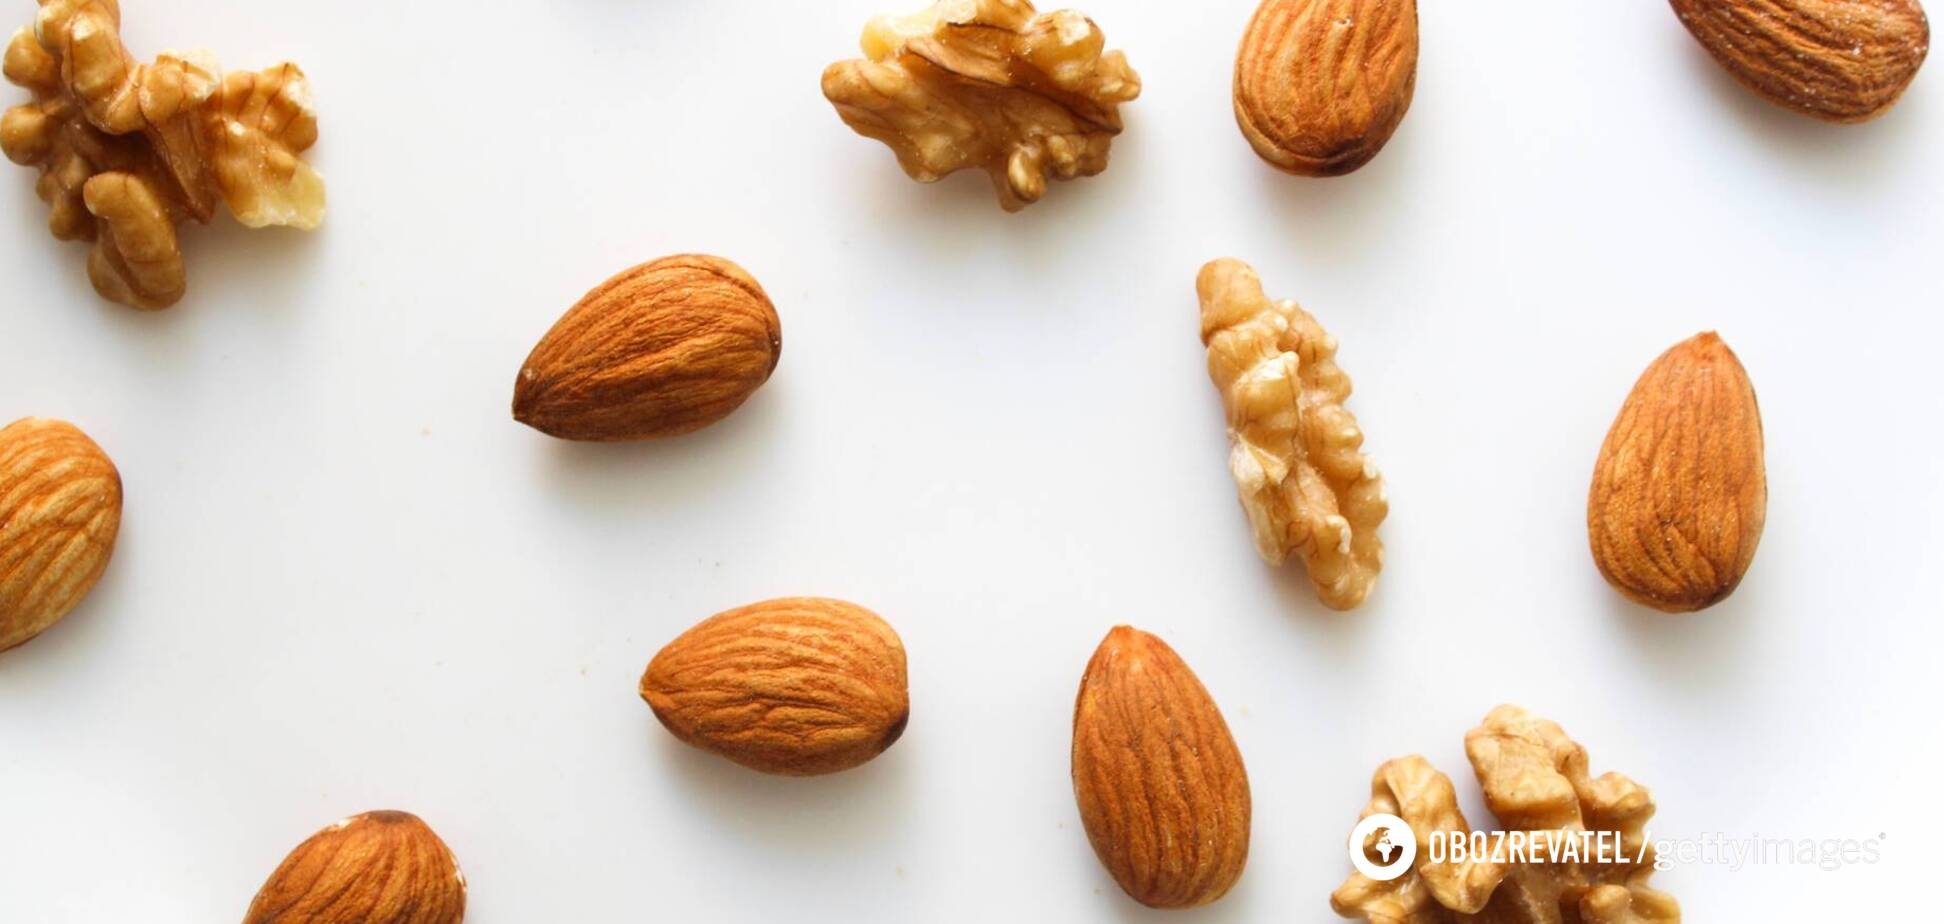 Волоський горіх і мигдаль сприяють зниженню «поганого» холестерину